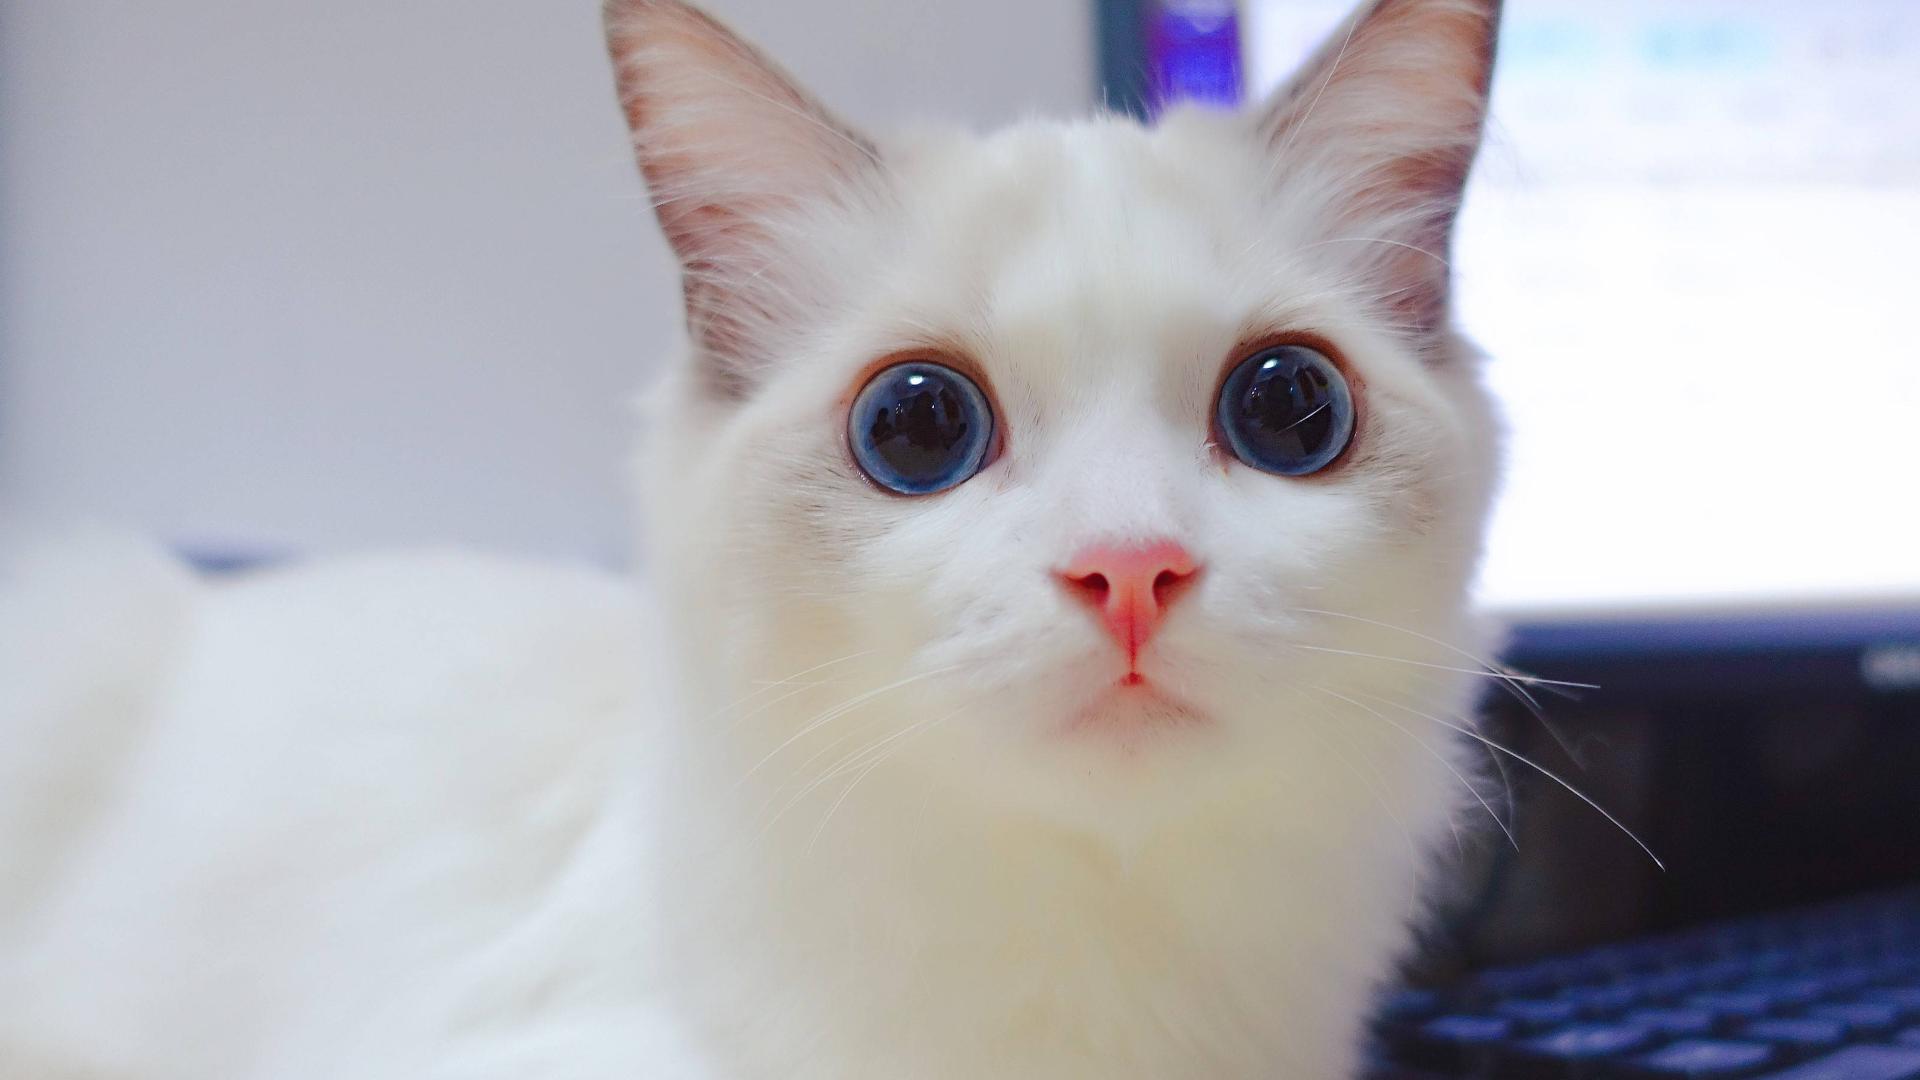 【人间真实】当下班回家的你想抱抱你的猫时